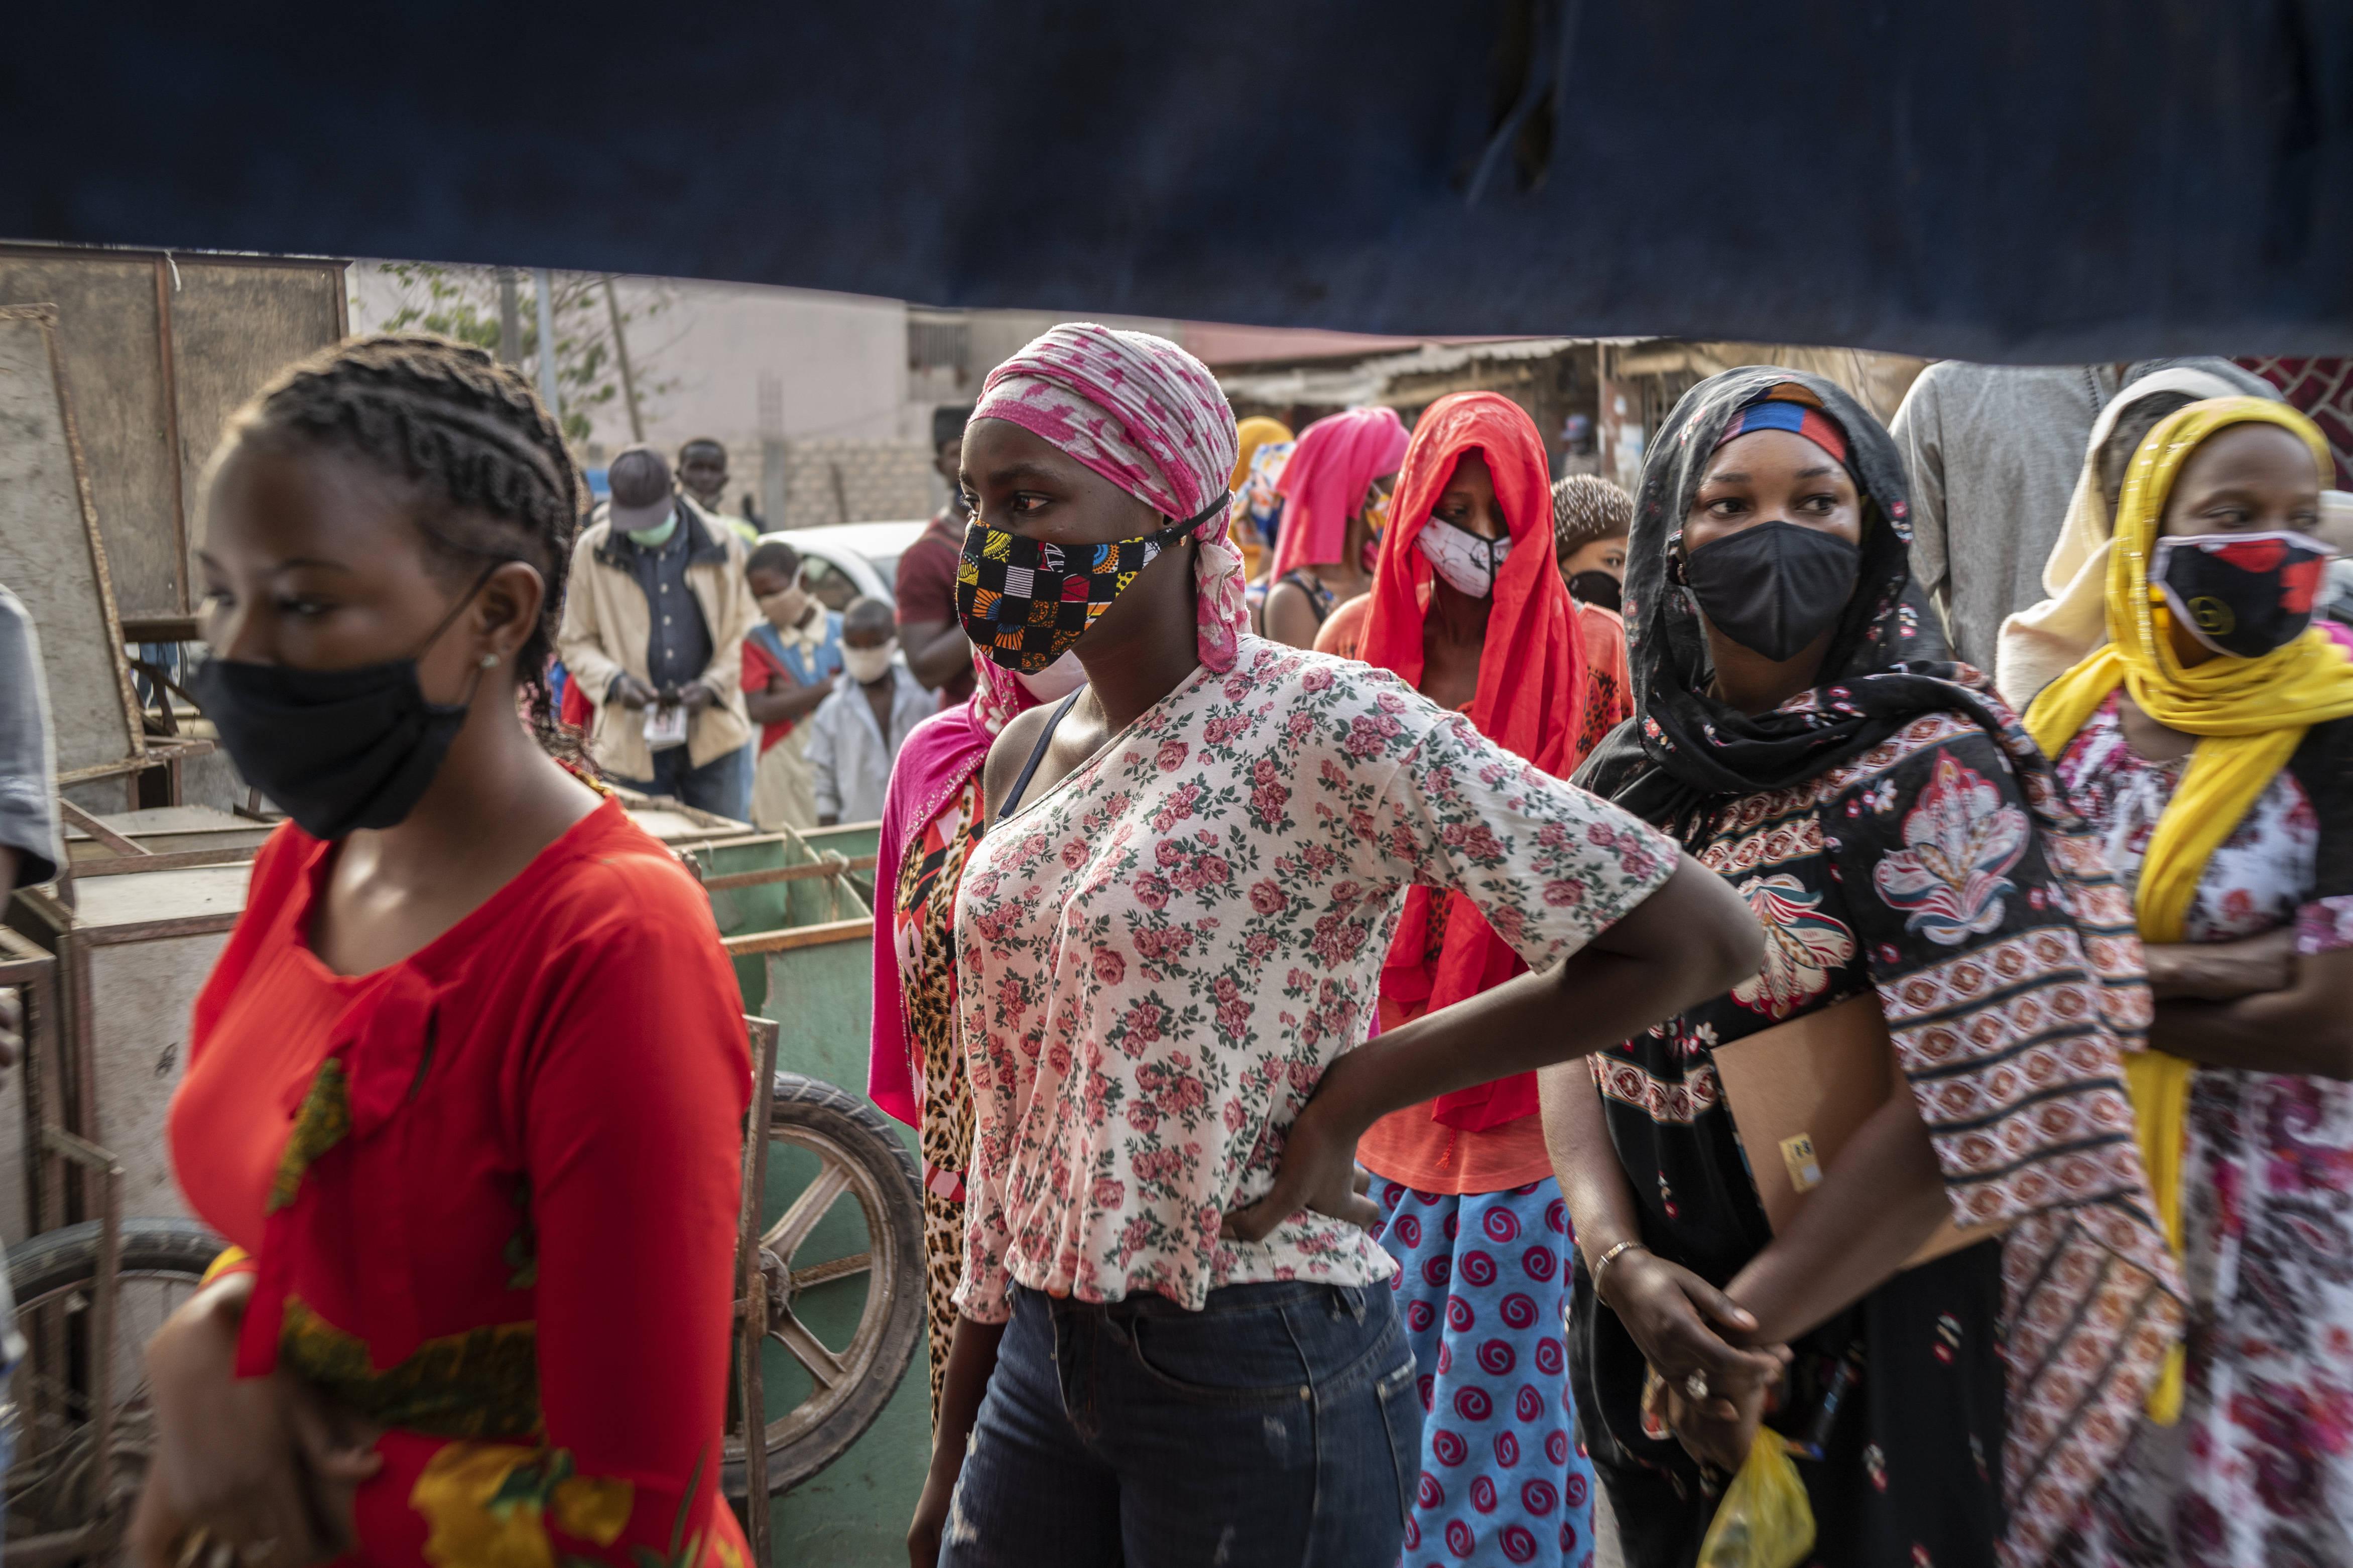 Des clientes portant des masques pour se protéger du coronavirus font la queue devant une boulangerie, à Dakar, le 25 avril 2020 (illustration).